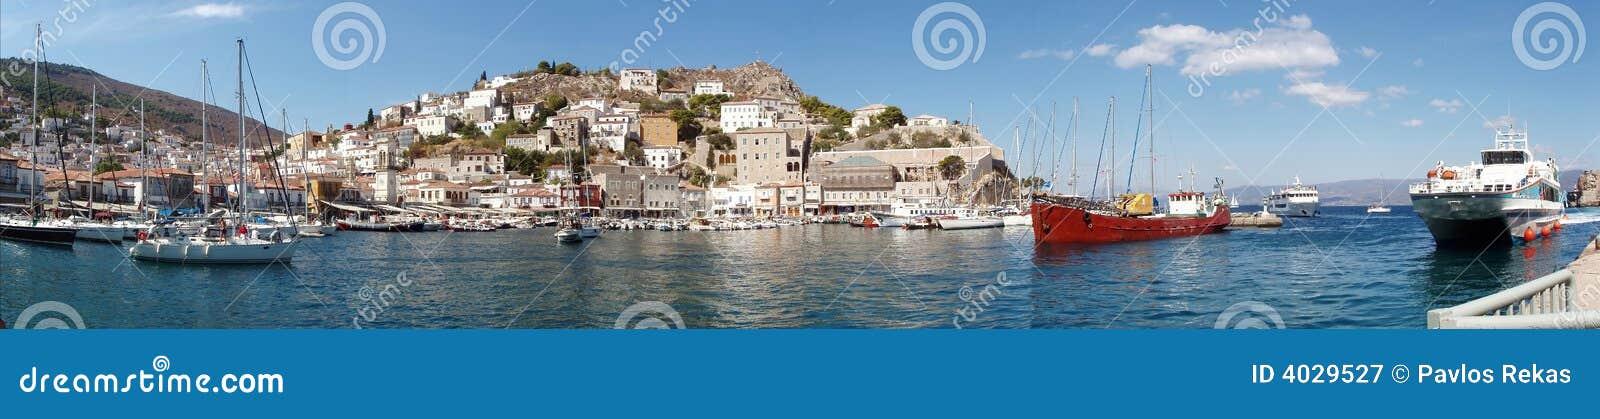 Hydra-Insel, Griechenland - Ansicht des Kanals und der Stadt